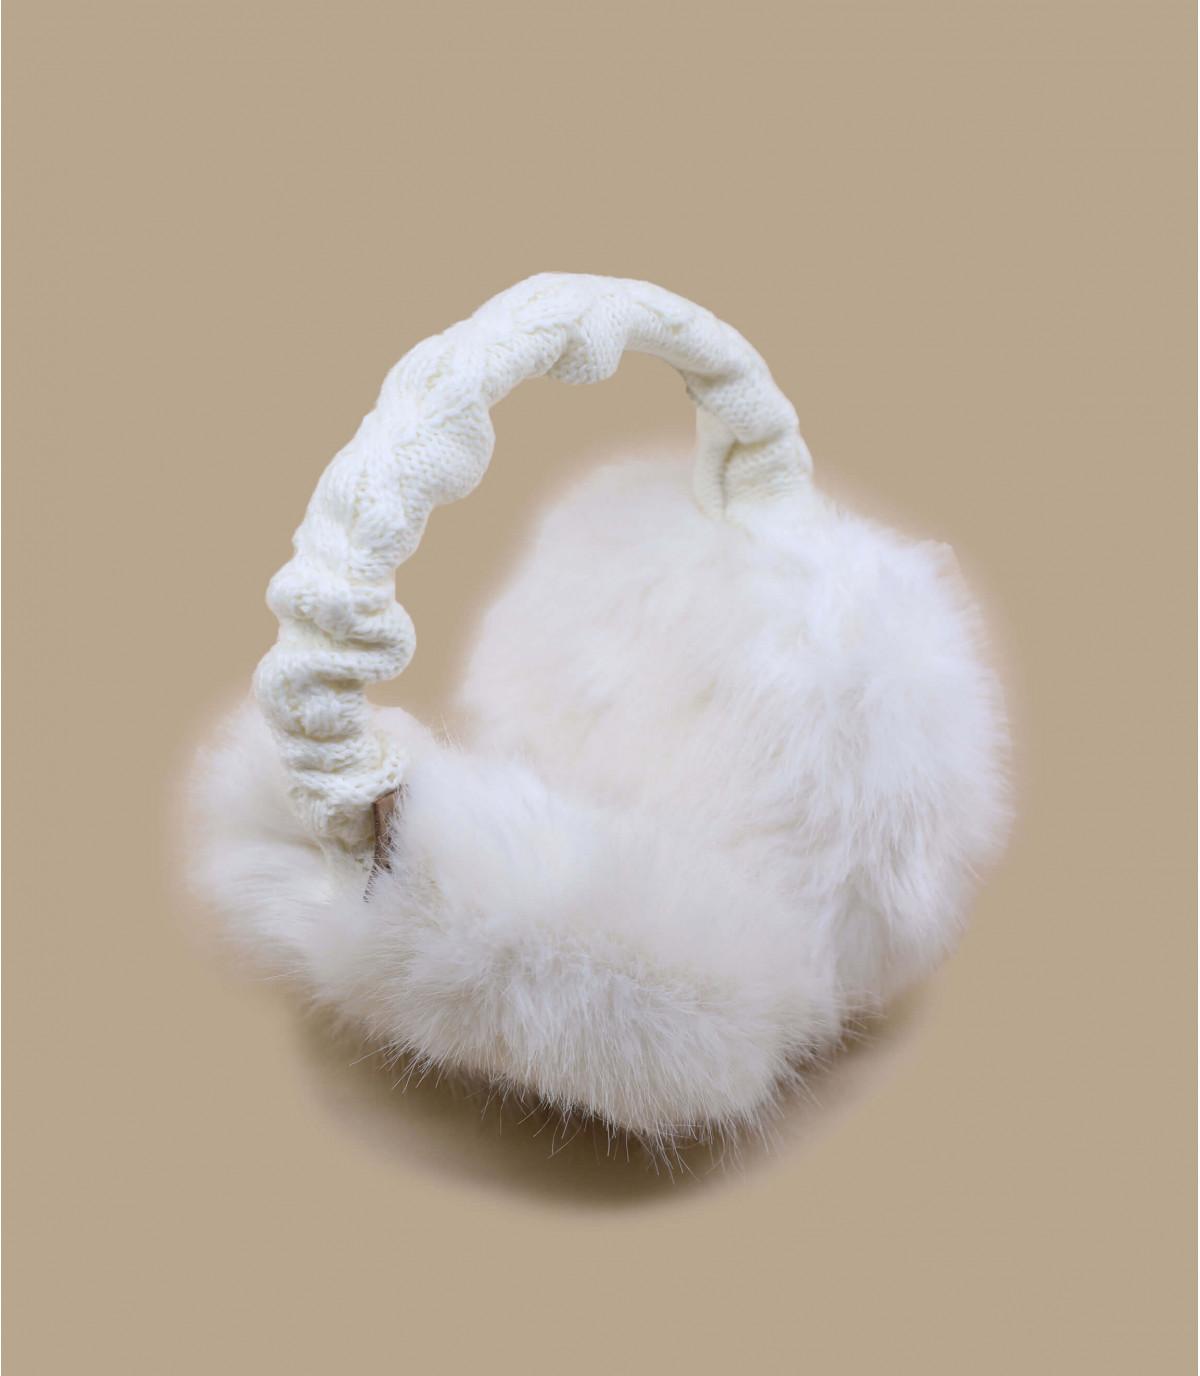 Details Fur earmuffs white - Abbildung 2